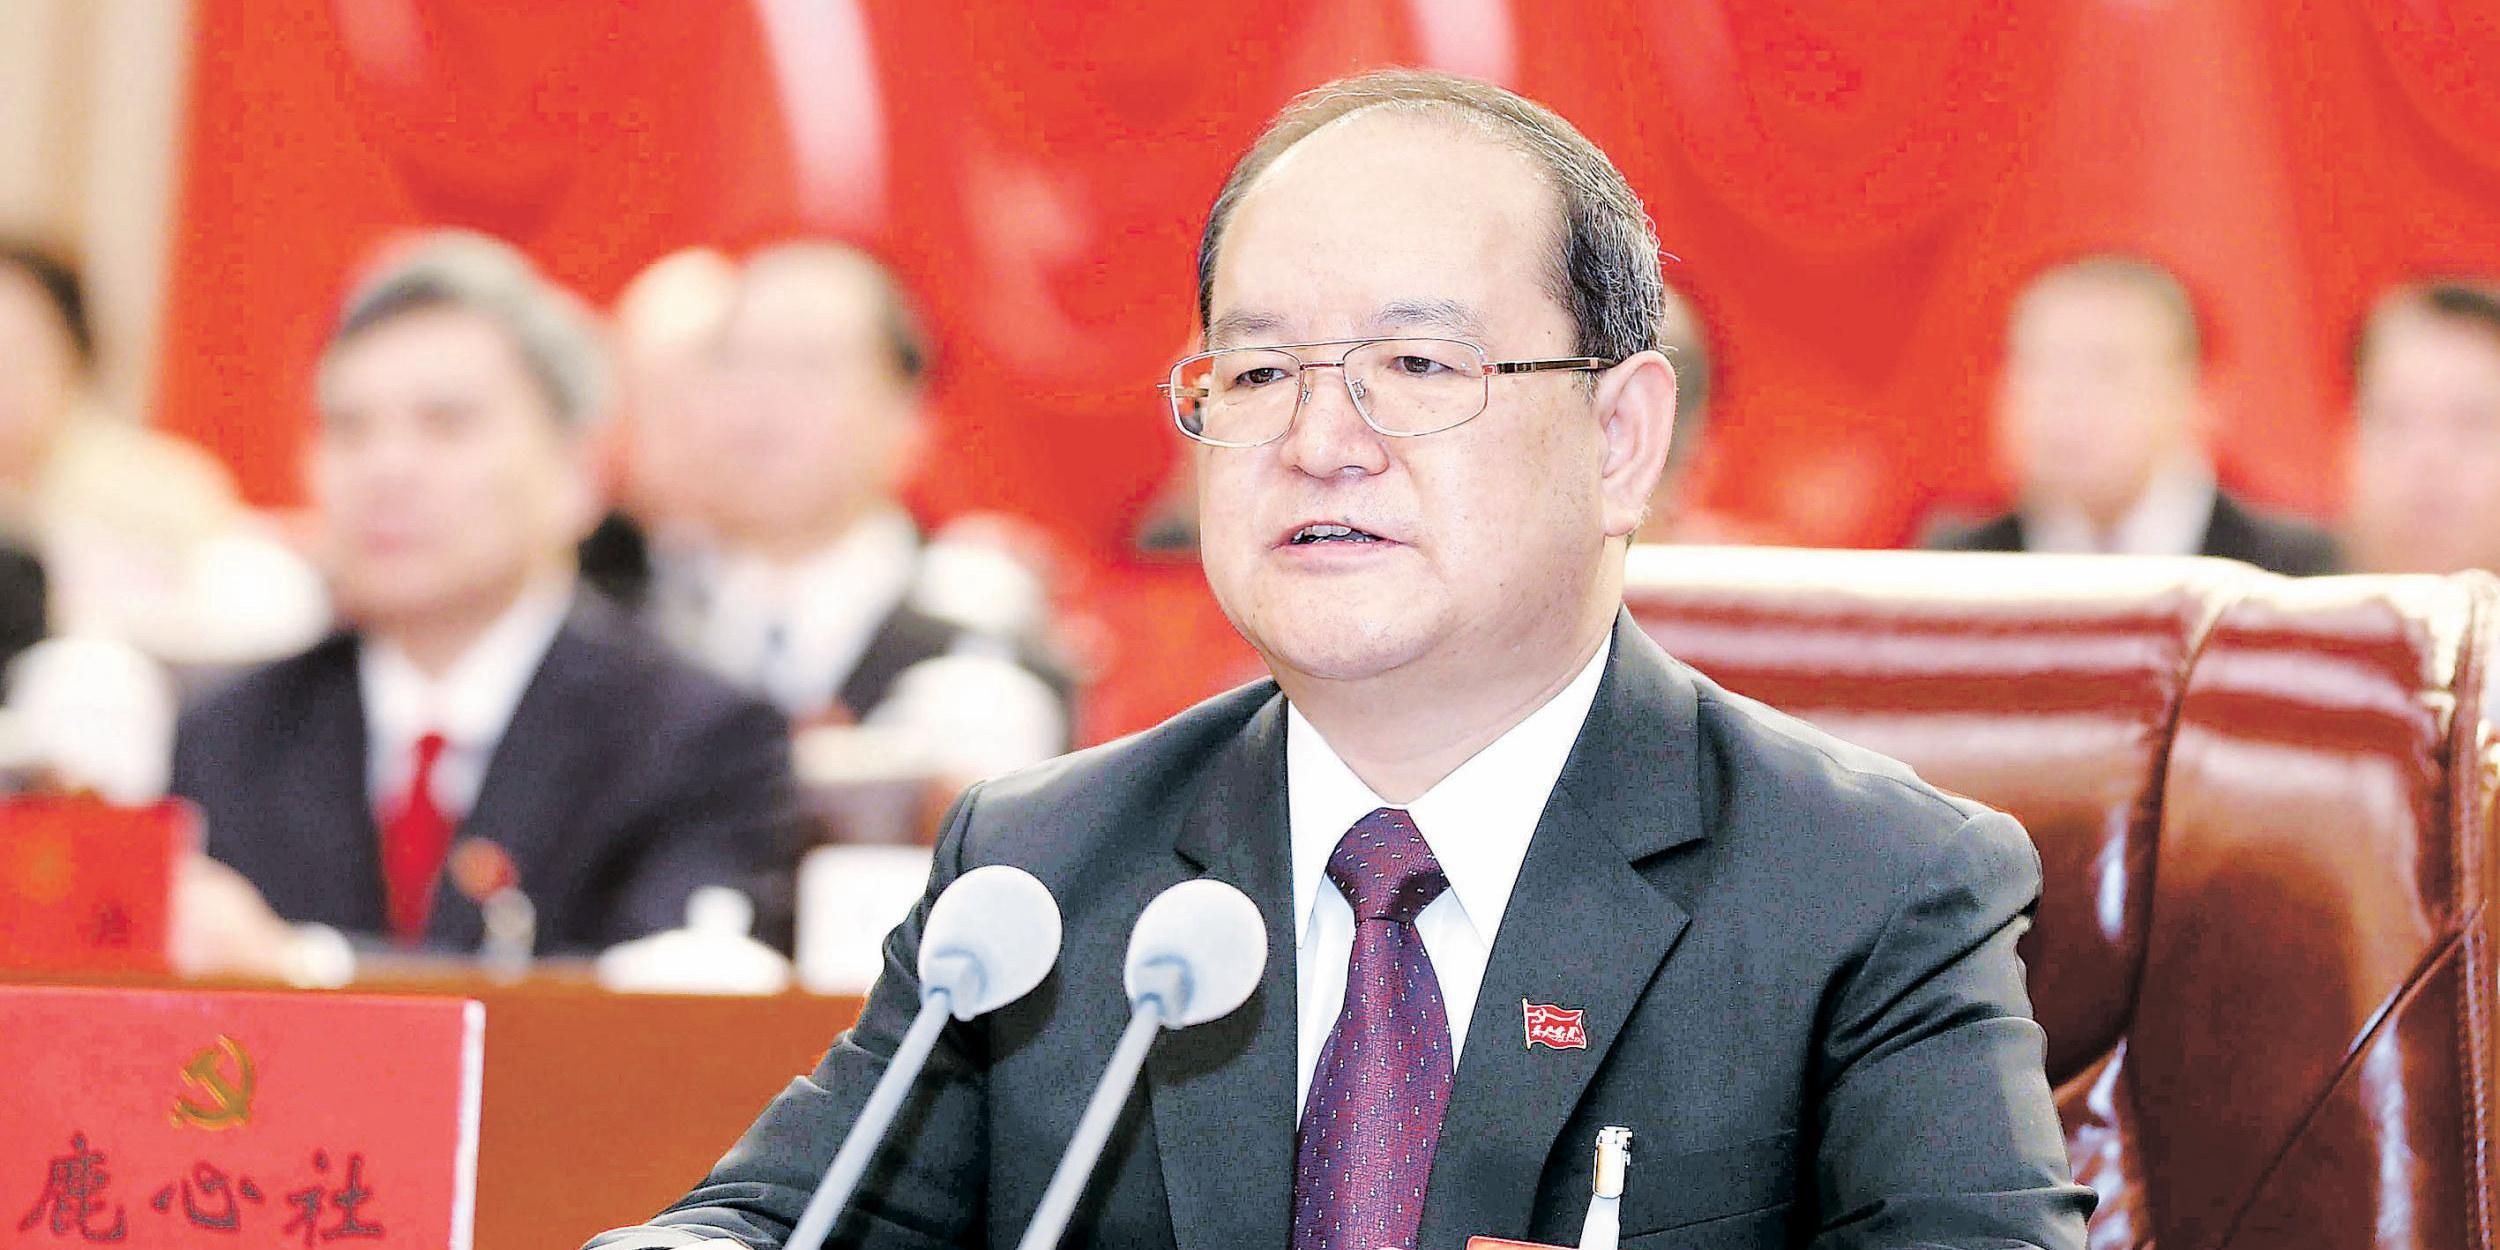 鹿心社任广西区党委书记 彭清华任四川省委书记